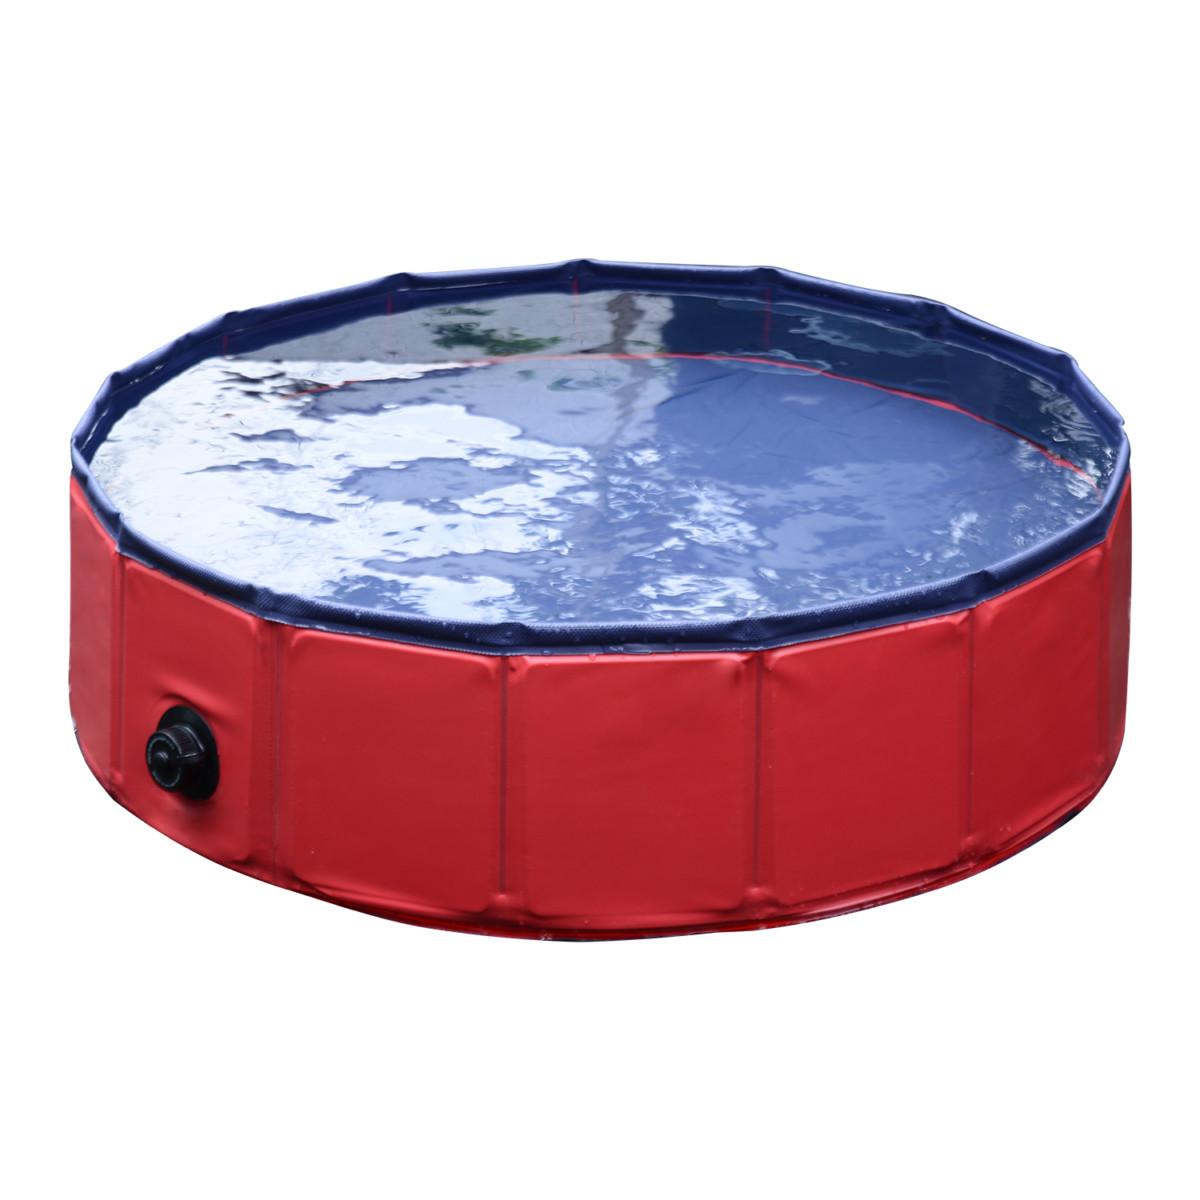 Bassin/piscine baignoire pour chien animal de compagnie